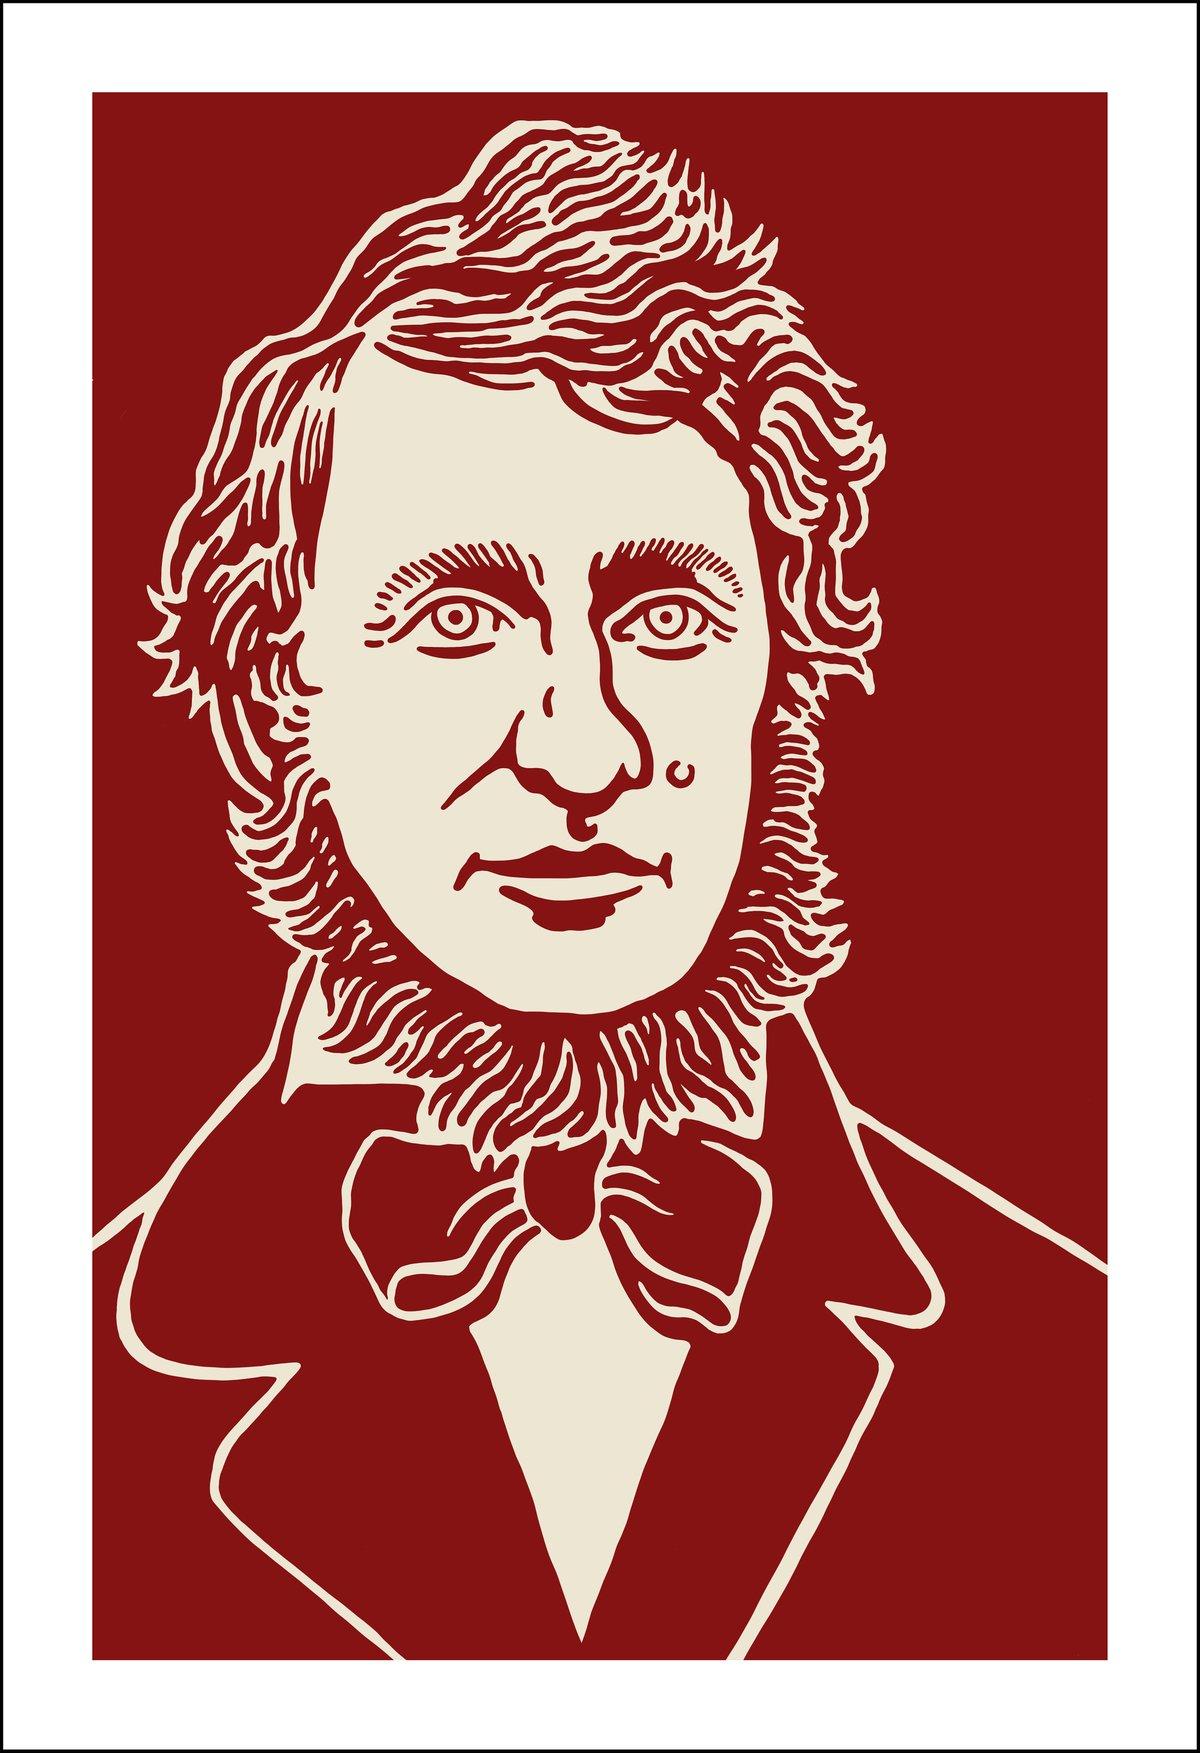 Image of Henry David Thoreau Print